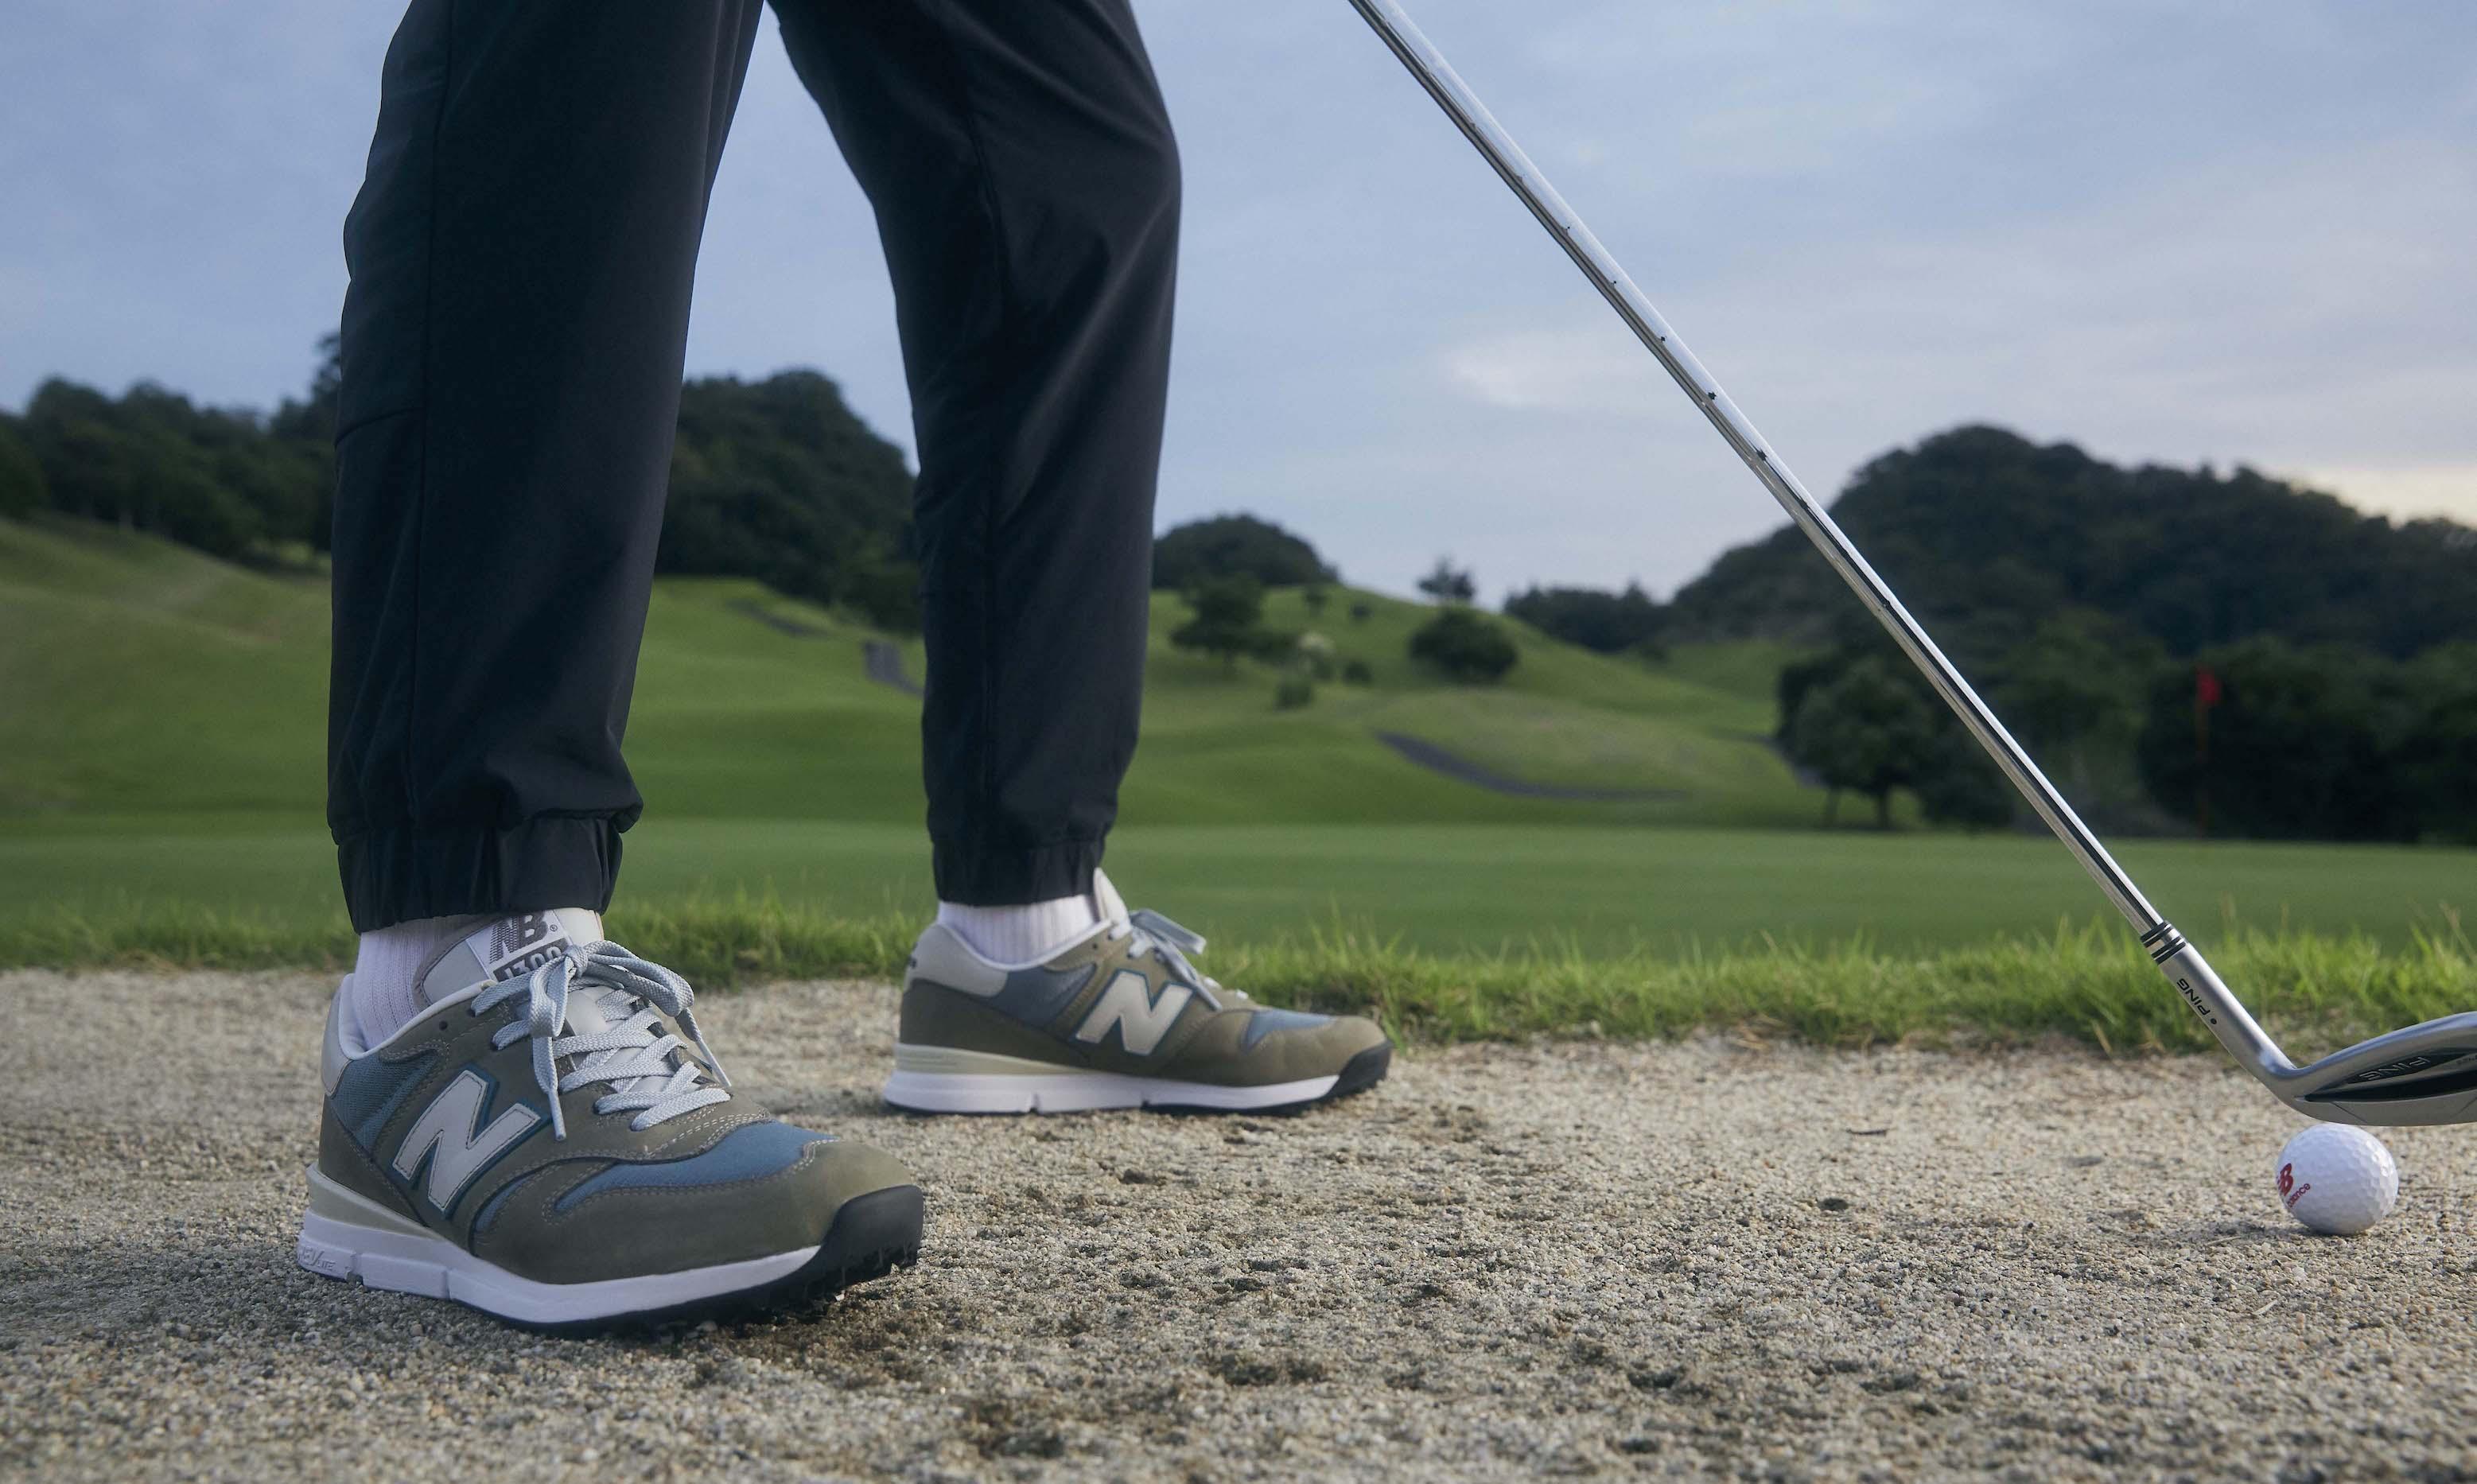 New Balance 1300からゴルフシューズモデル限定発売